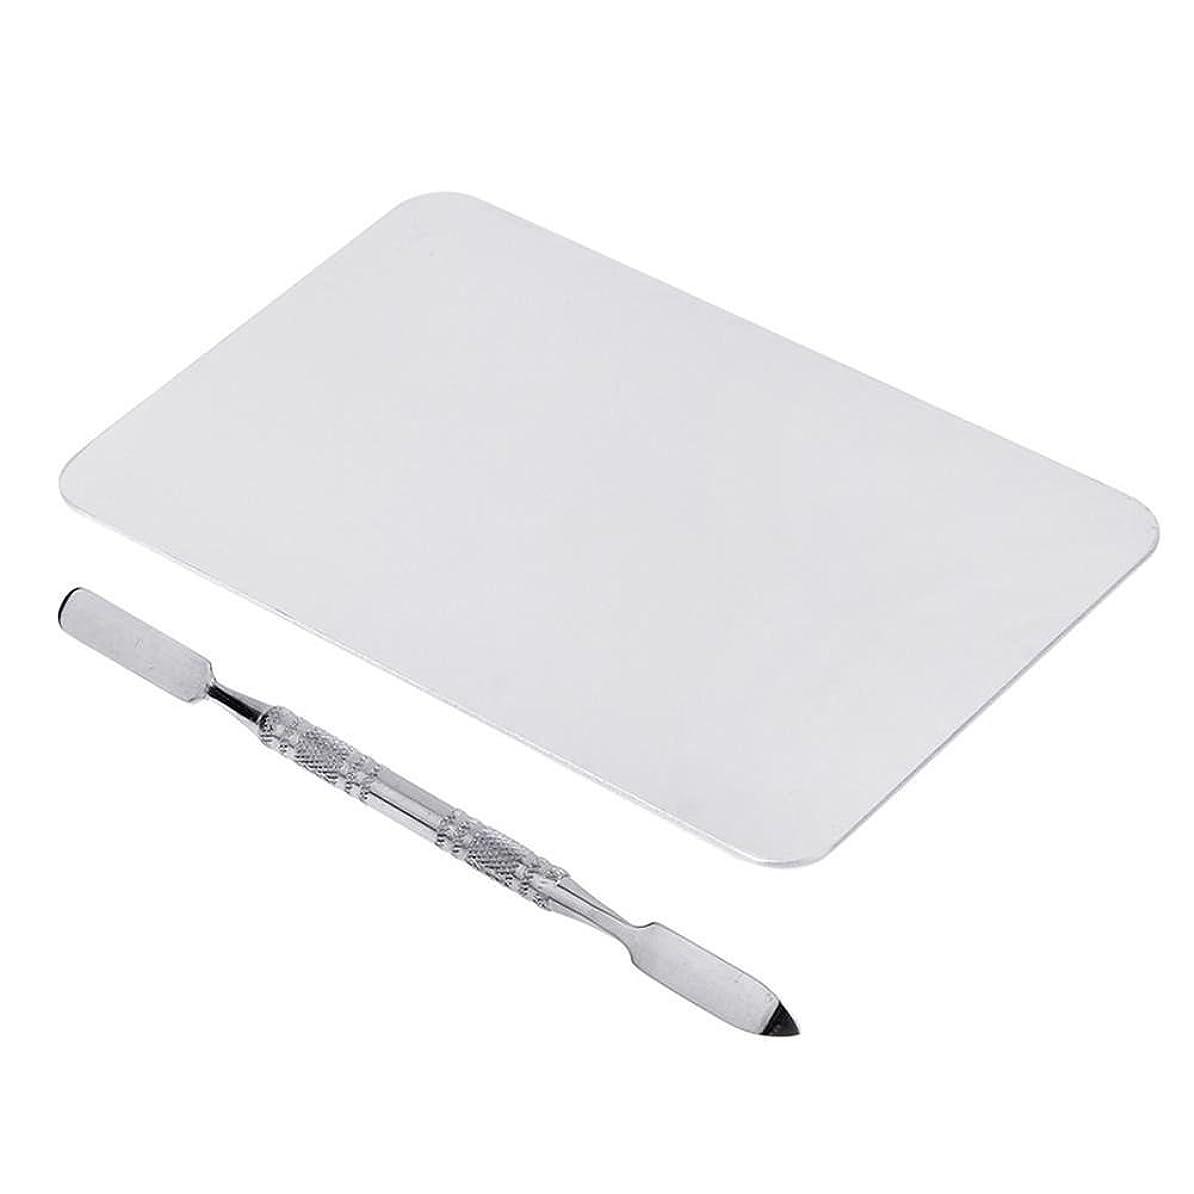 場所明確なスペインSODIAL 2色のメイクパレットマニキュア、メイクアップ、アイシャドウパレットパレットセット12cm